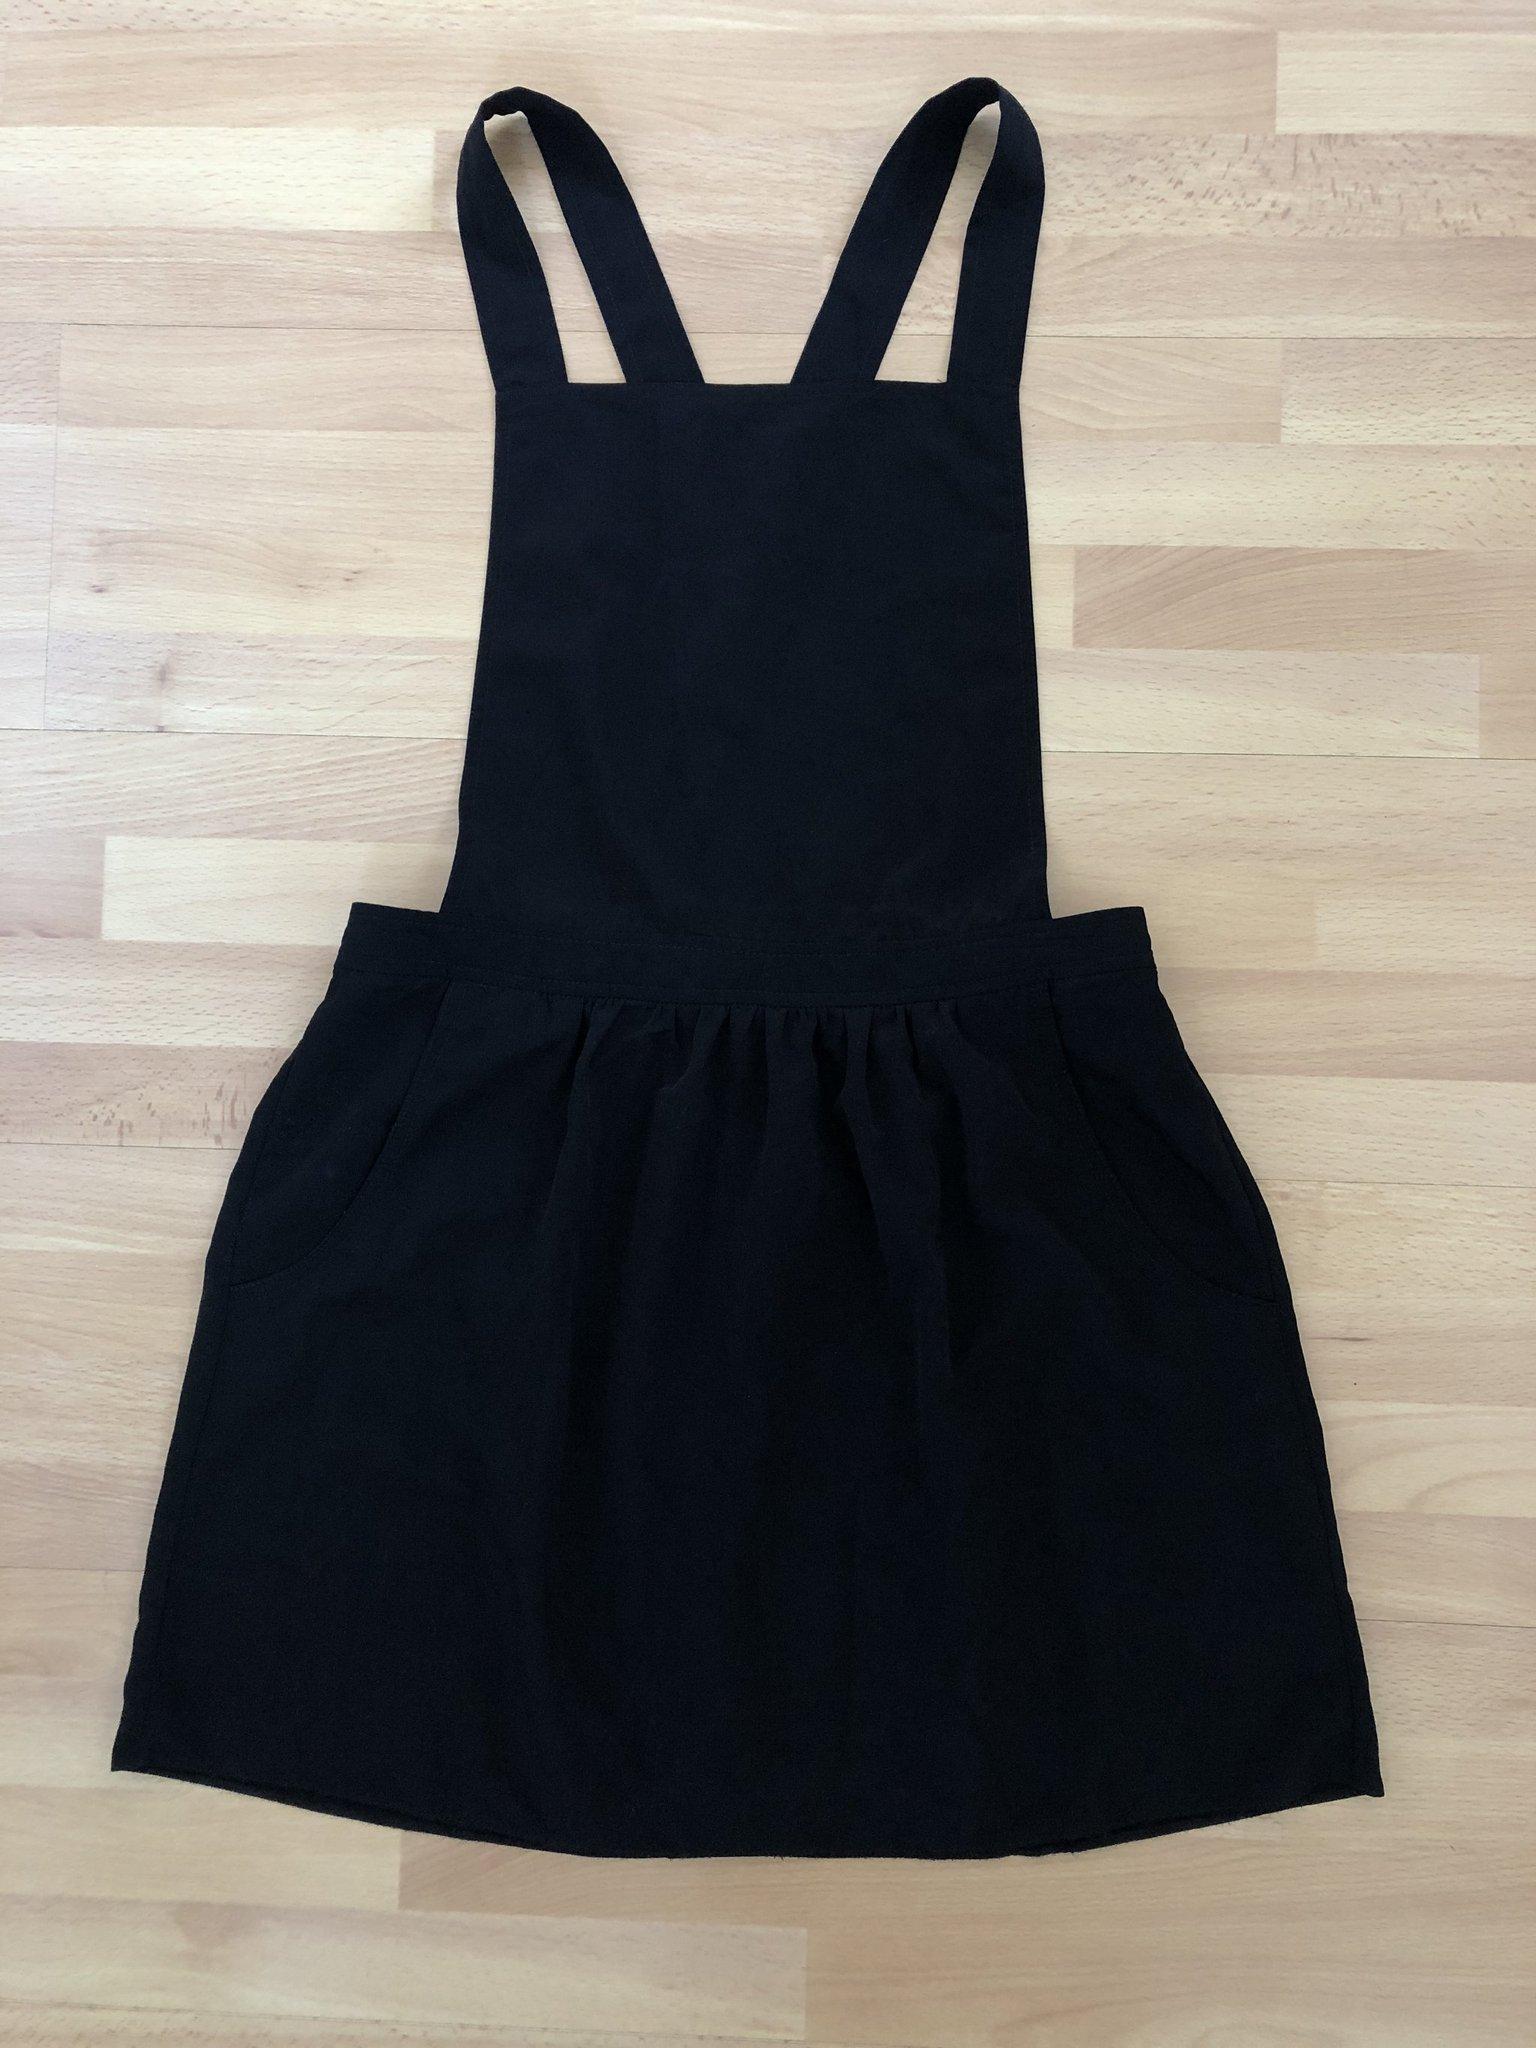 71c54c173de2 Svart dungaree klänning, justerbar axelband, stl 38, hängselklänning ...